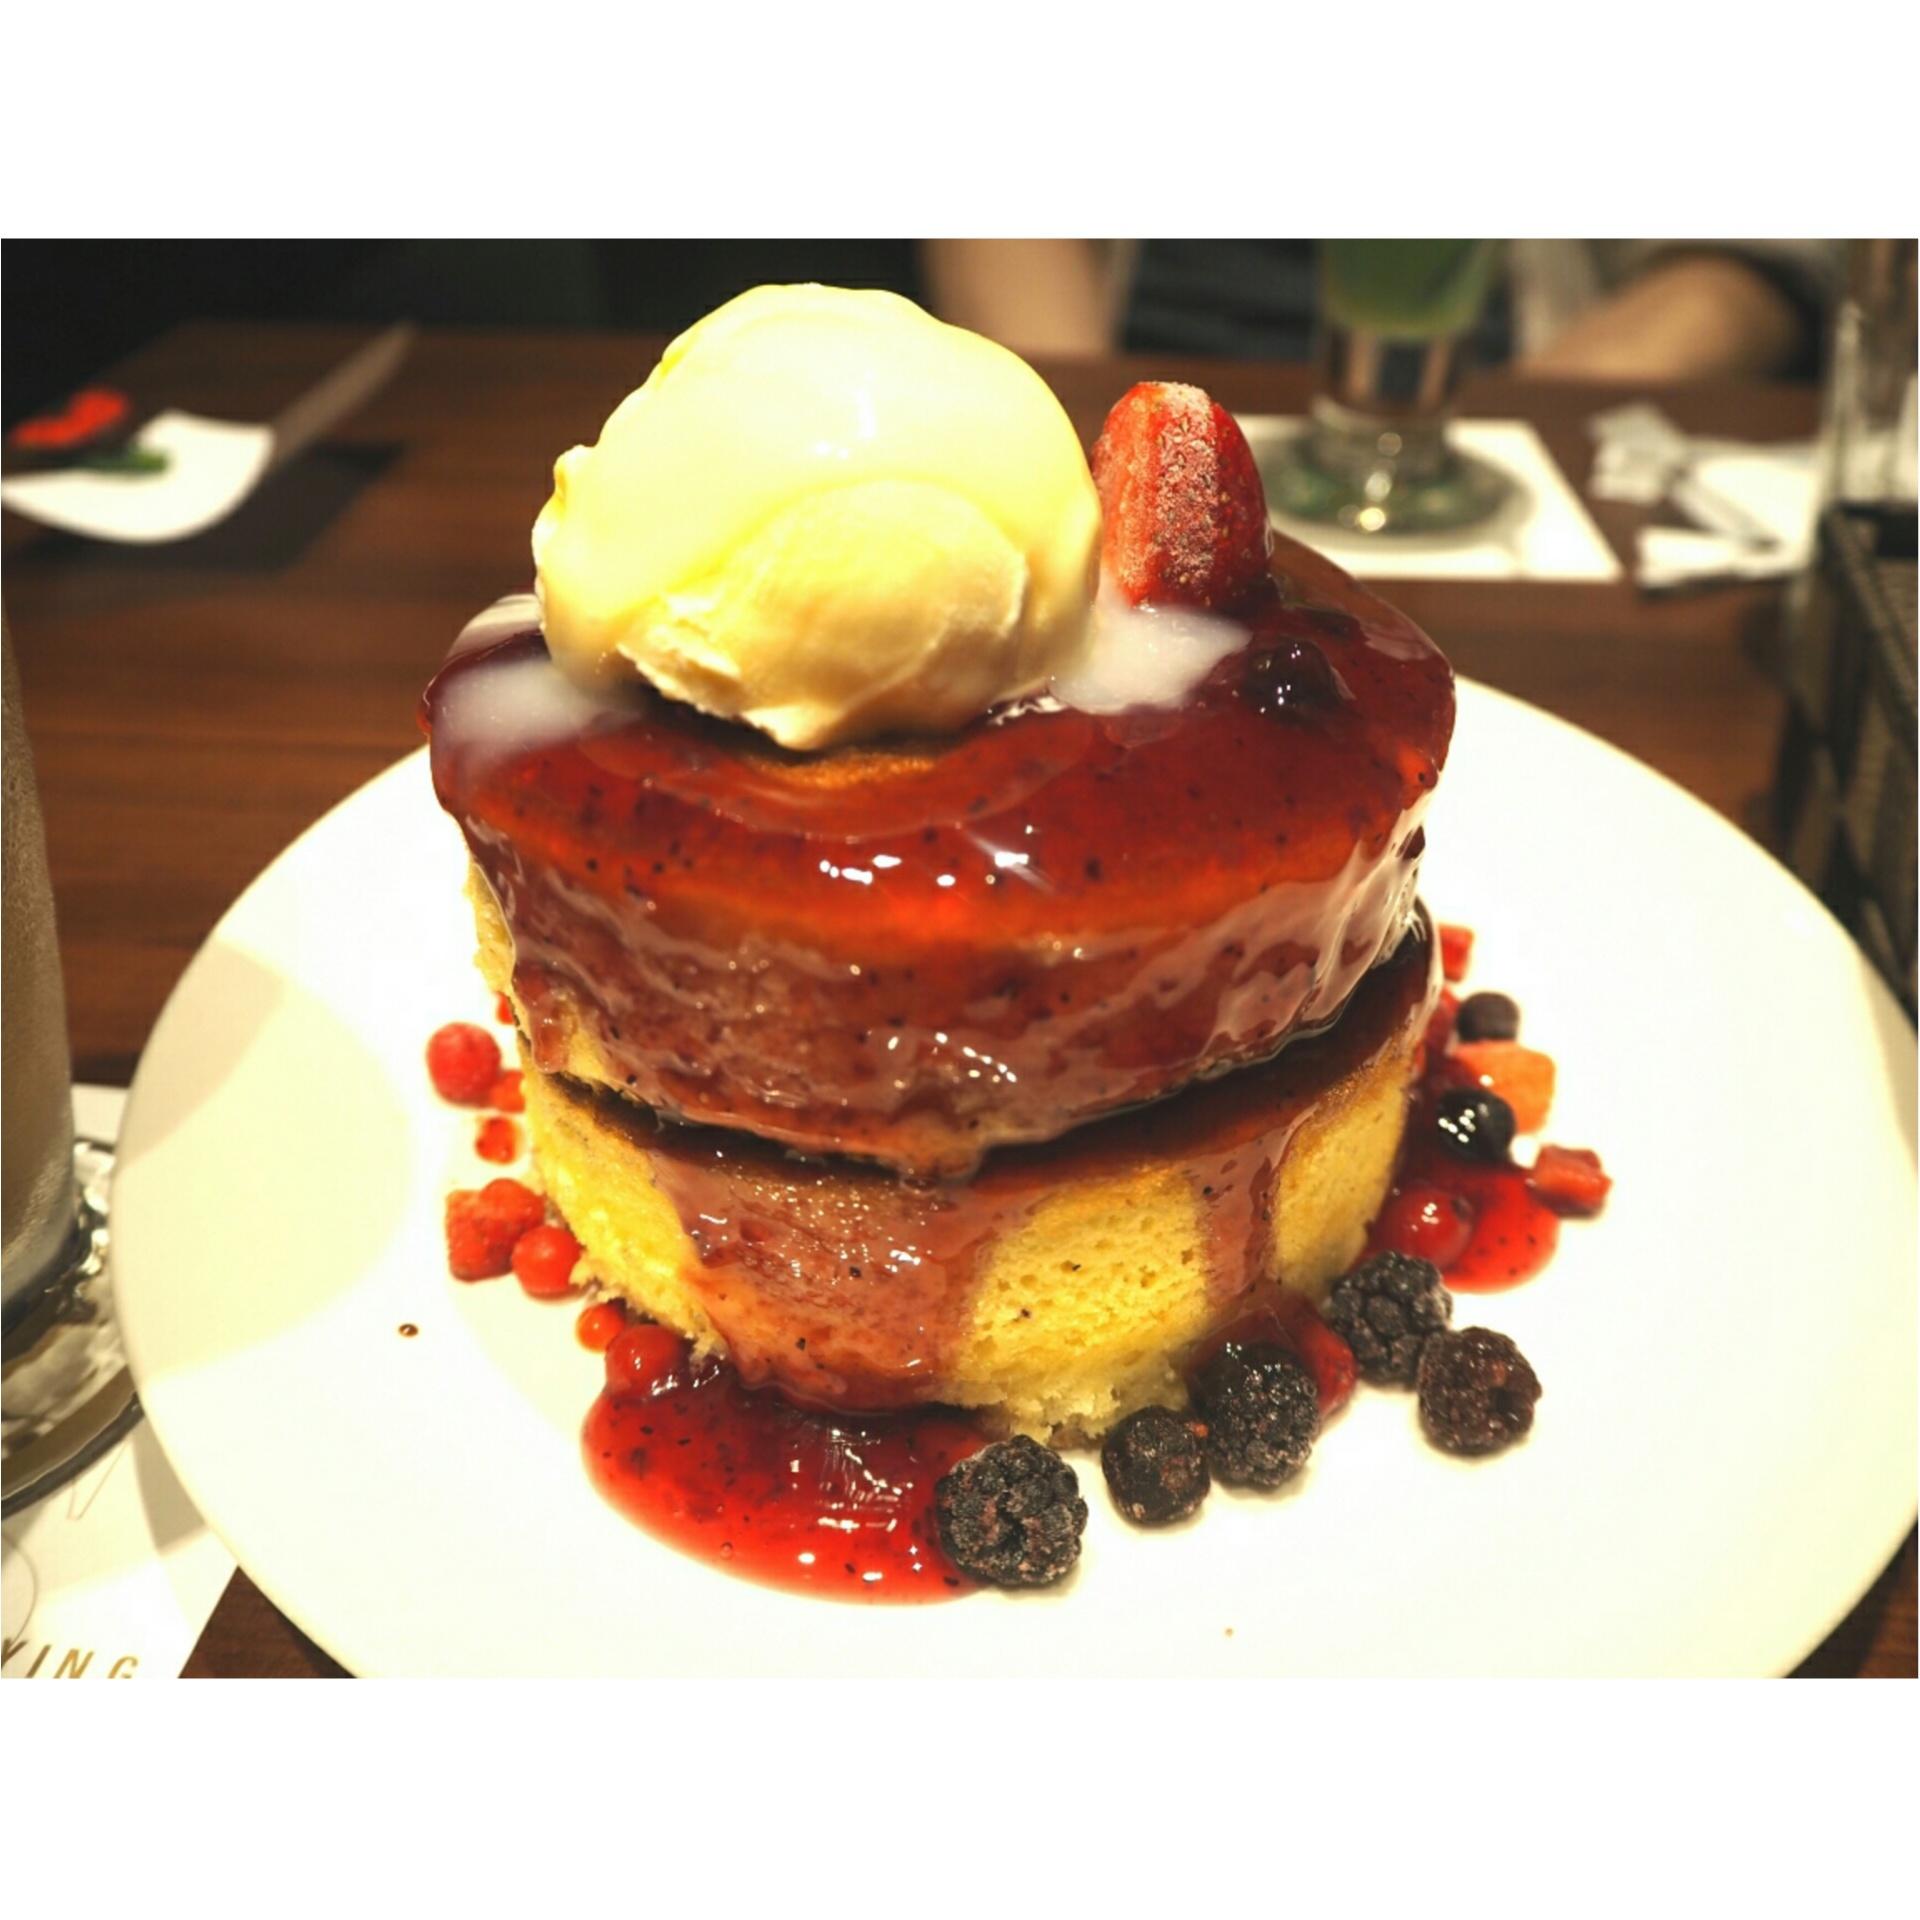 ◆愛媛発の大人気おしゃれカフェ◆ボリューミーでふわふわのホットケーキならフライングスコッツマン♡_1